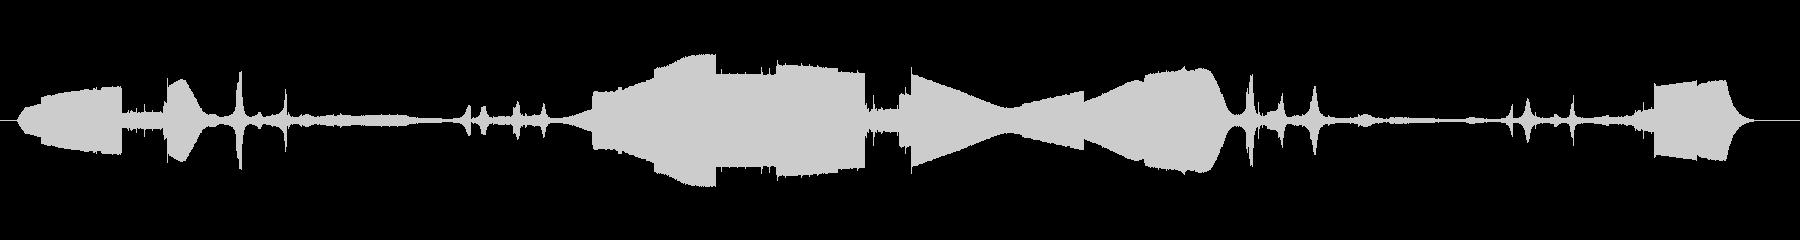 機械 ランダム計算03の未再生の波形